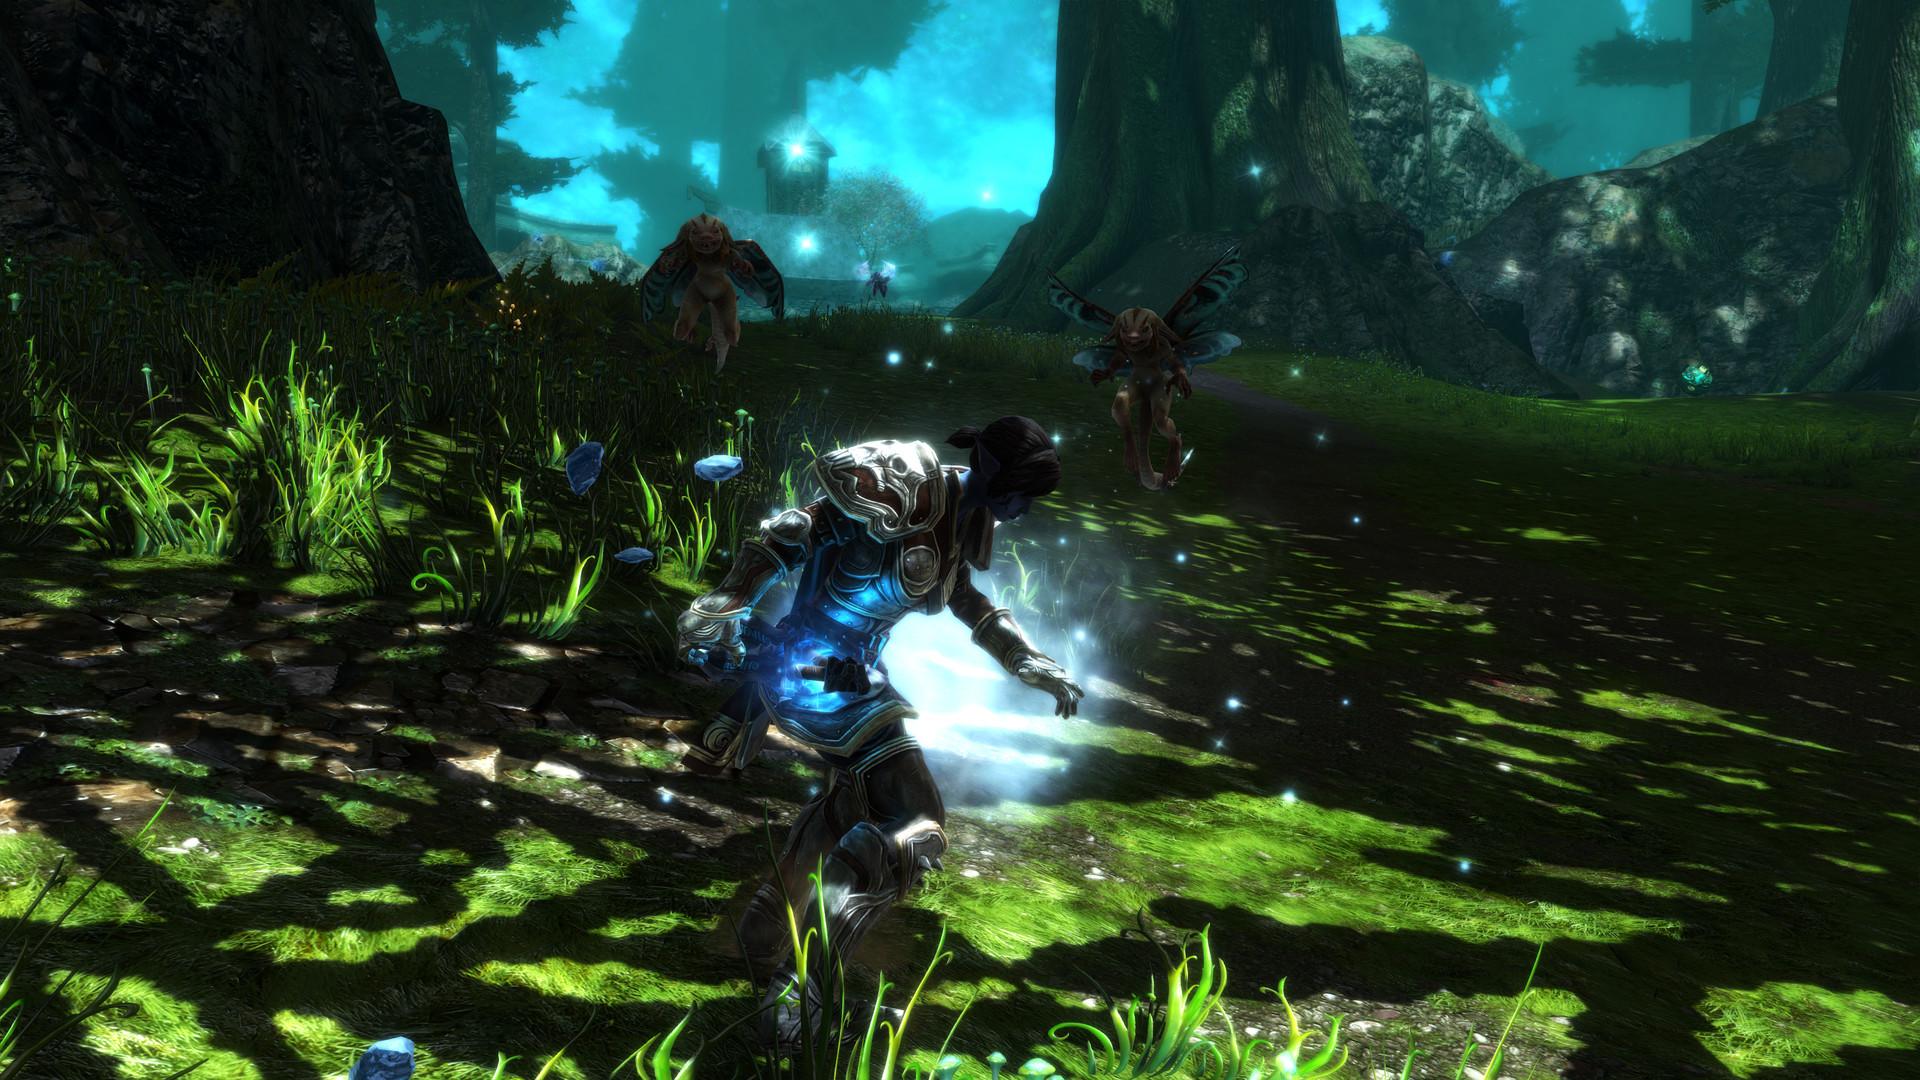 《阿玛拉王国:惩罚》原版游戏已无法在Steam购买